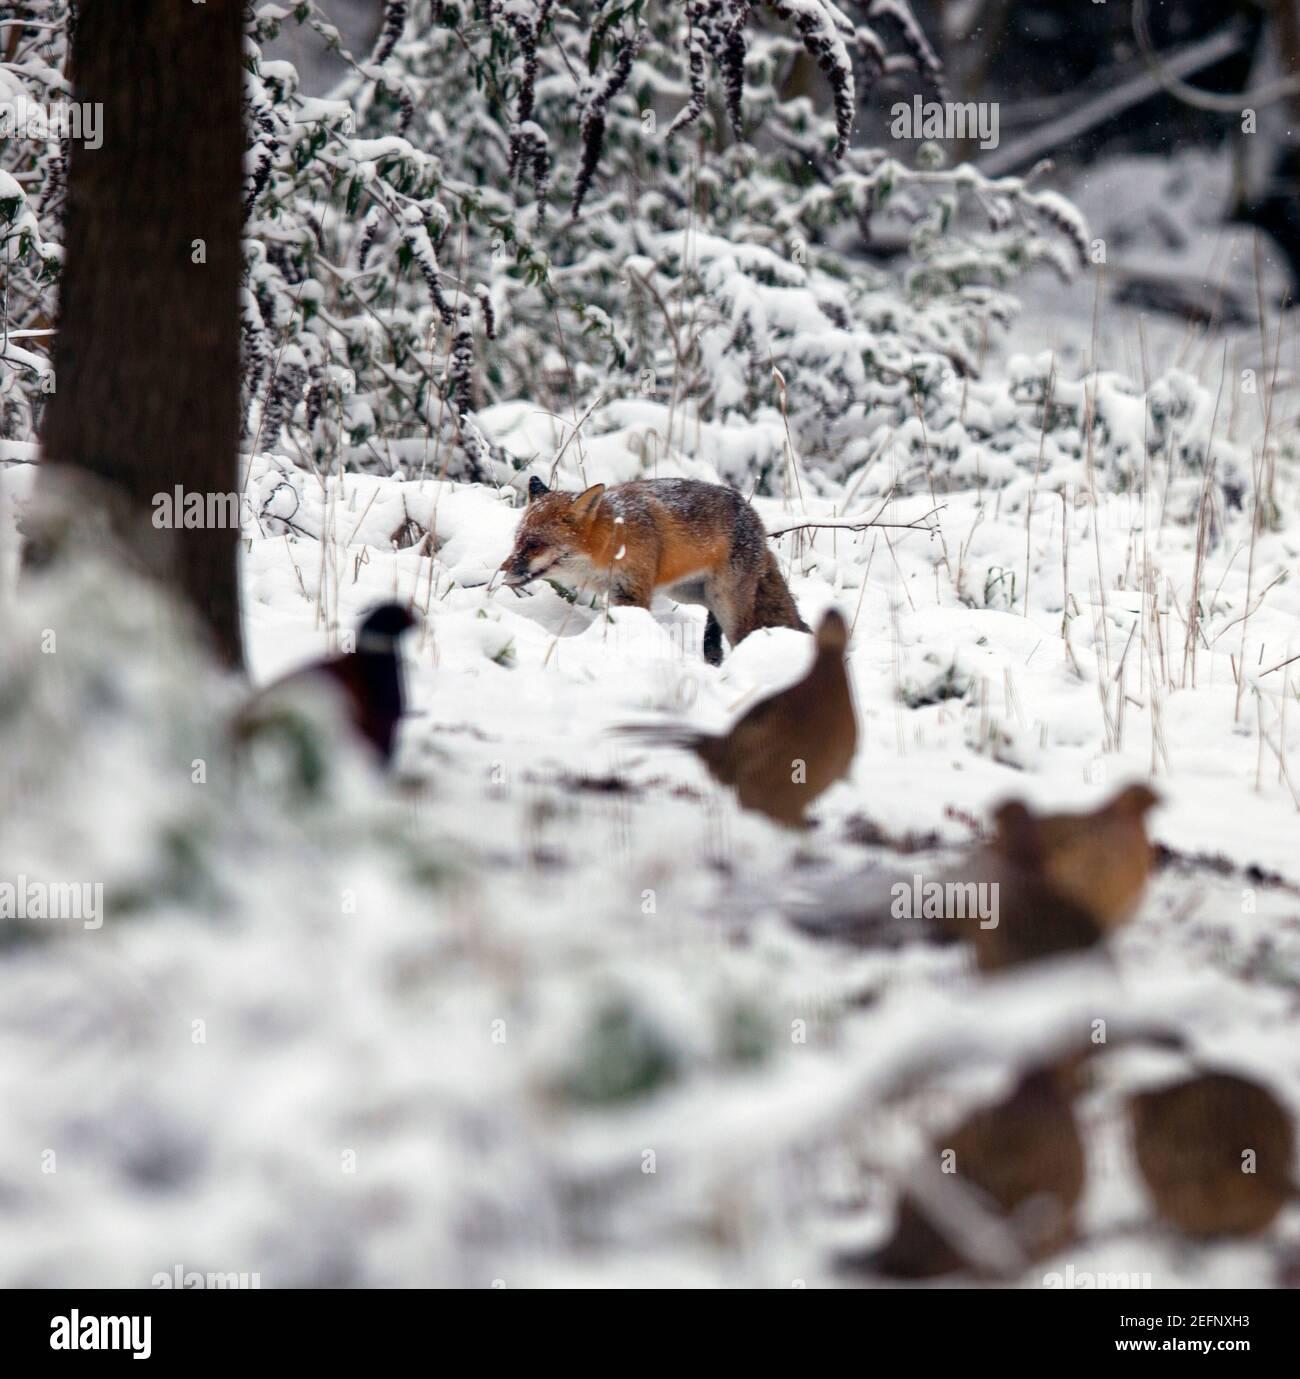 Un renard ( Vulpes vulpes ) marchant dans la campagne enneigée du Kent, au Royaume-Uni. Les faisans sont représentés au premier plan. Janvier 2021 Banque D'Images